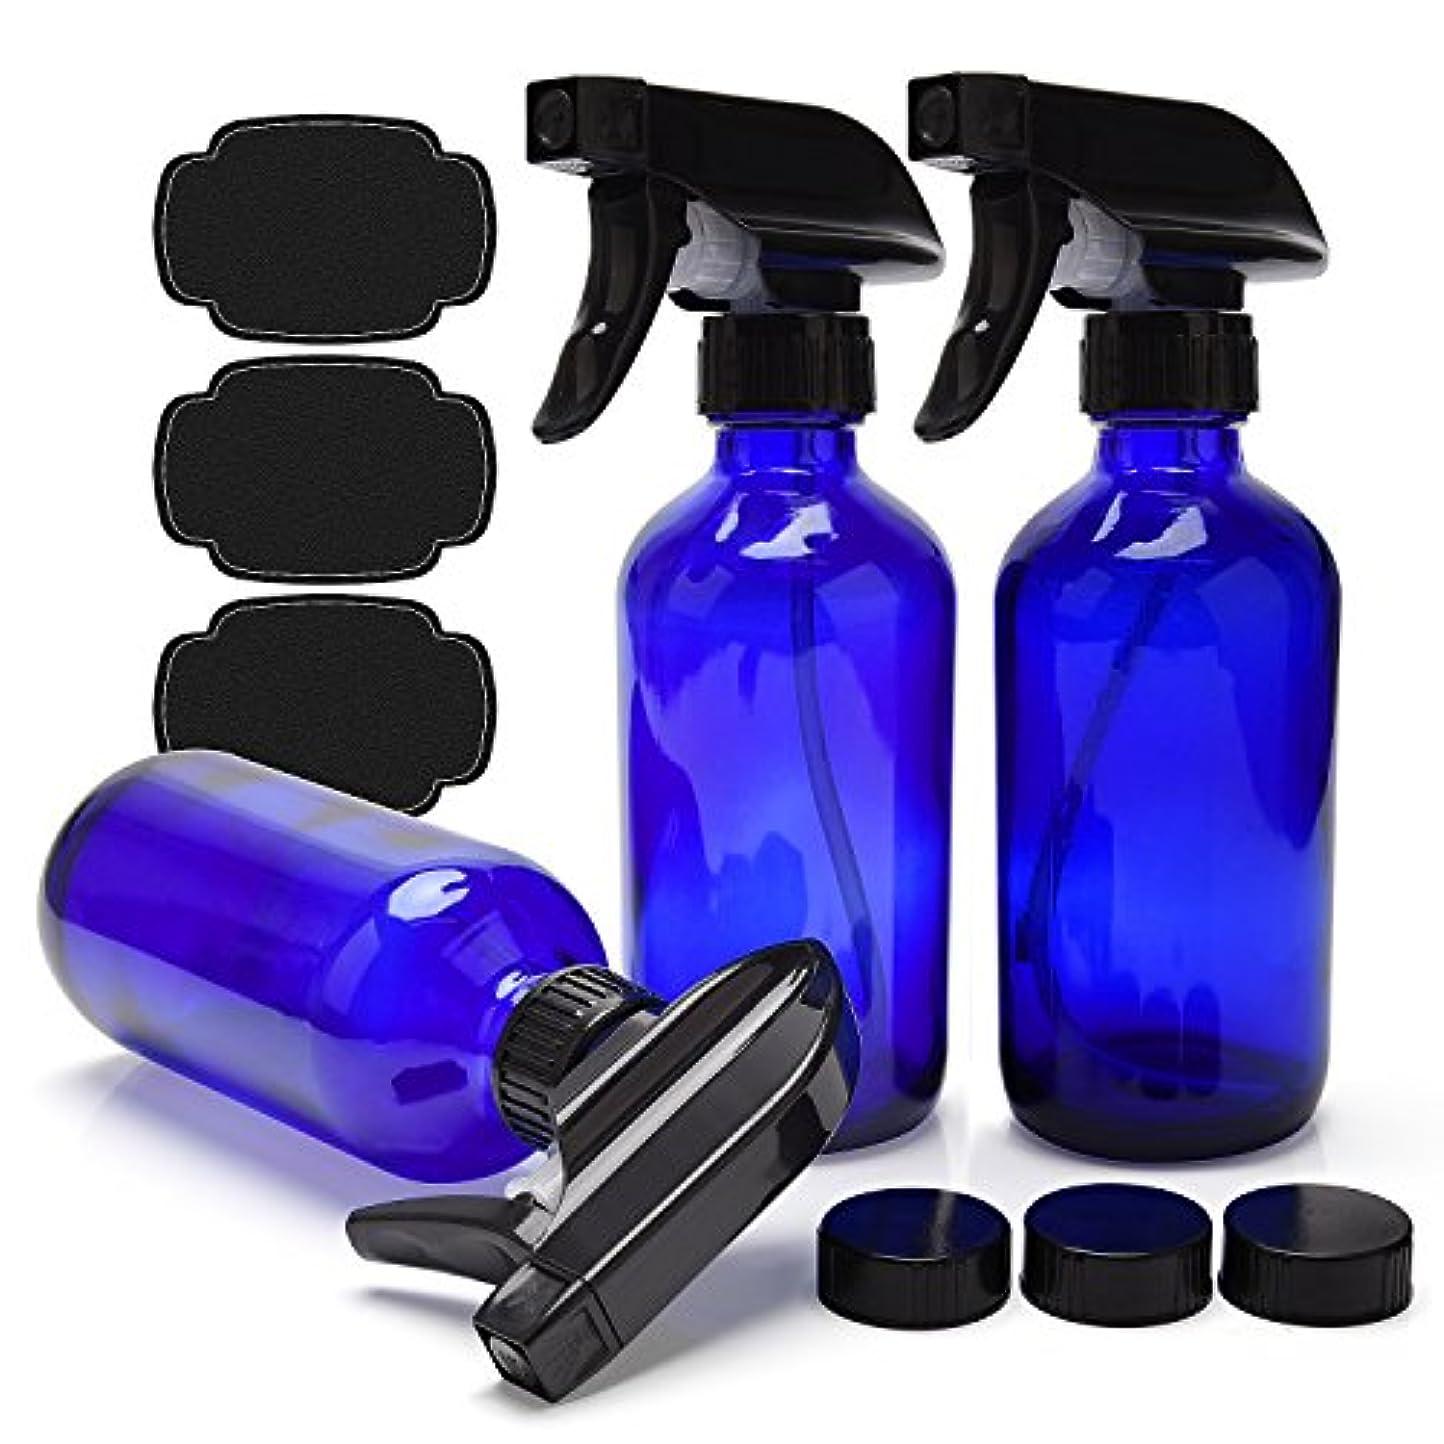 現象熟読するコンペULG 青いガラス スプレーボトルエッセンシャルオイルまたはクリーニング製品 用 空 3枚ボストンラウンドボトルヘビーデューティー黒トリガースプレーミストやストリーム 設定 8オンス コバルトブルー